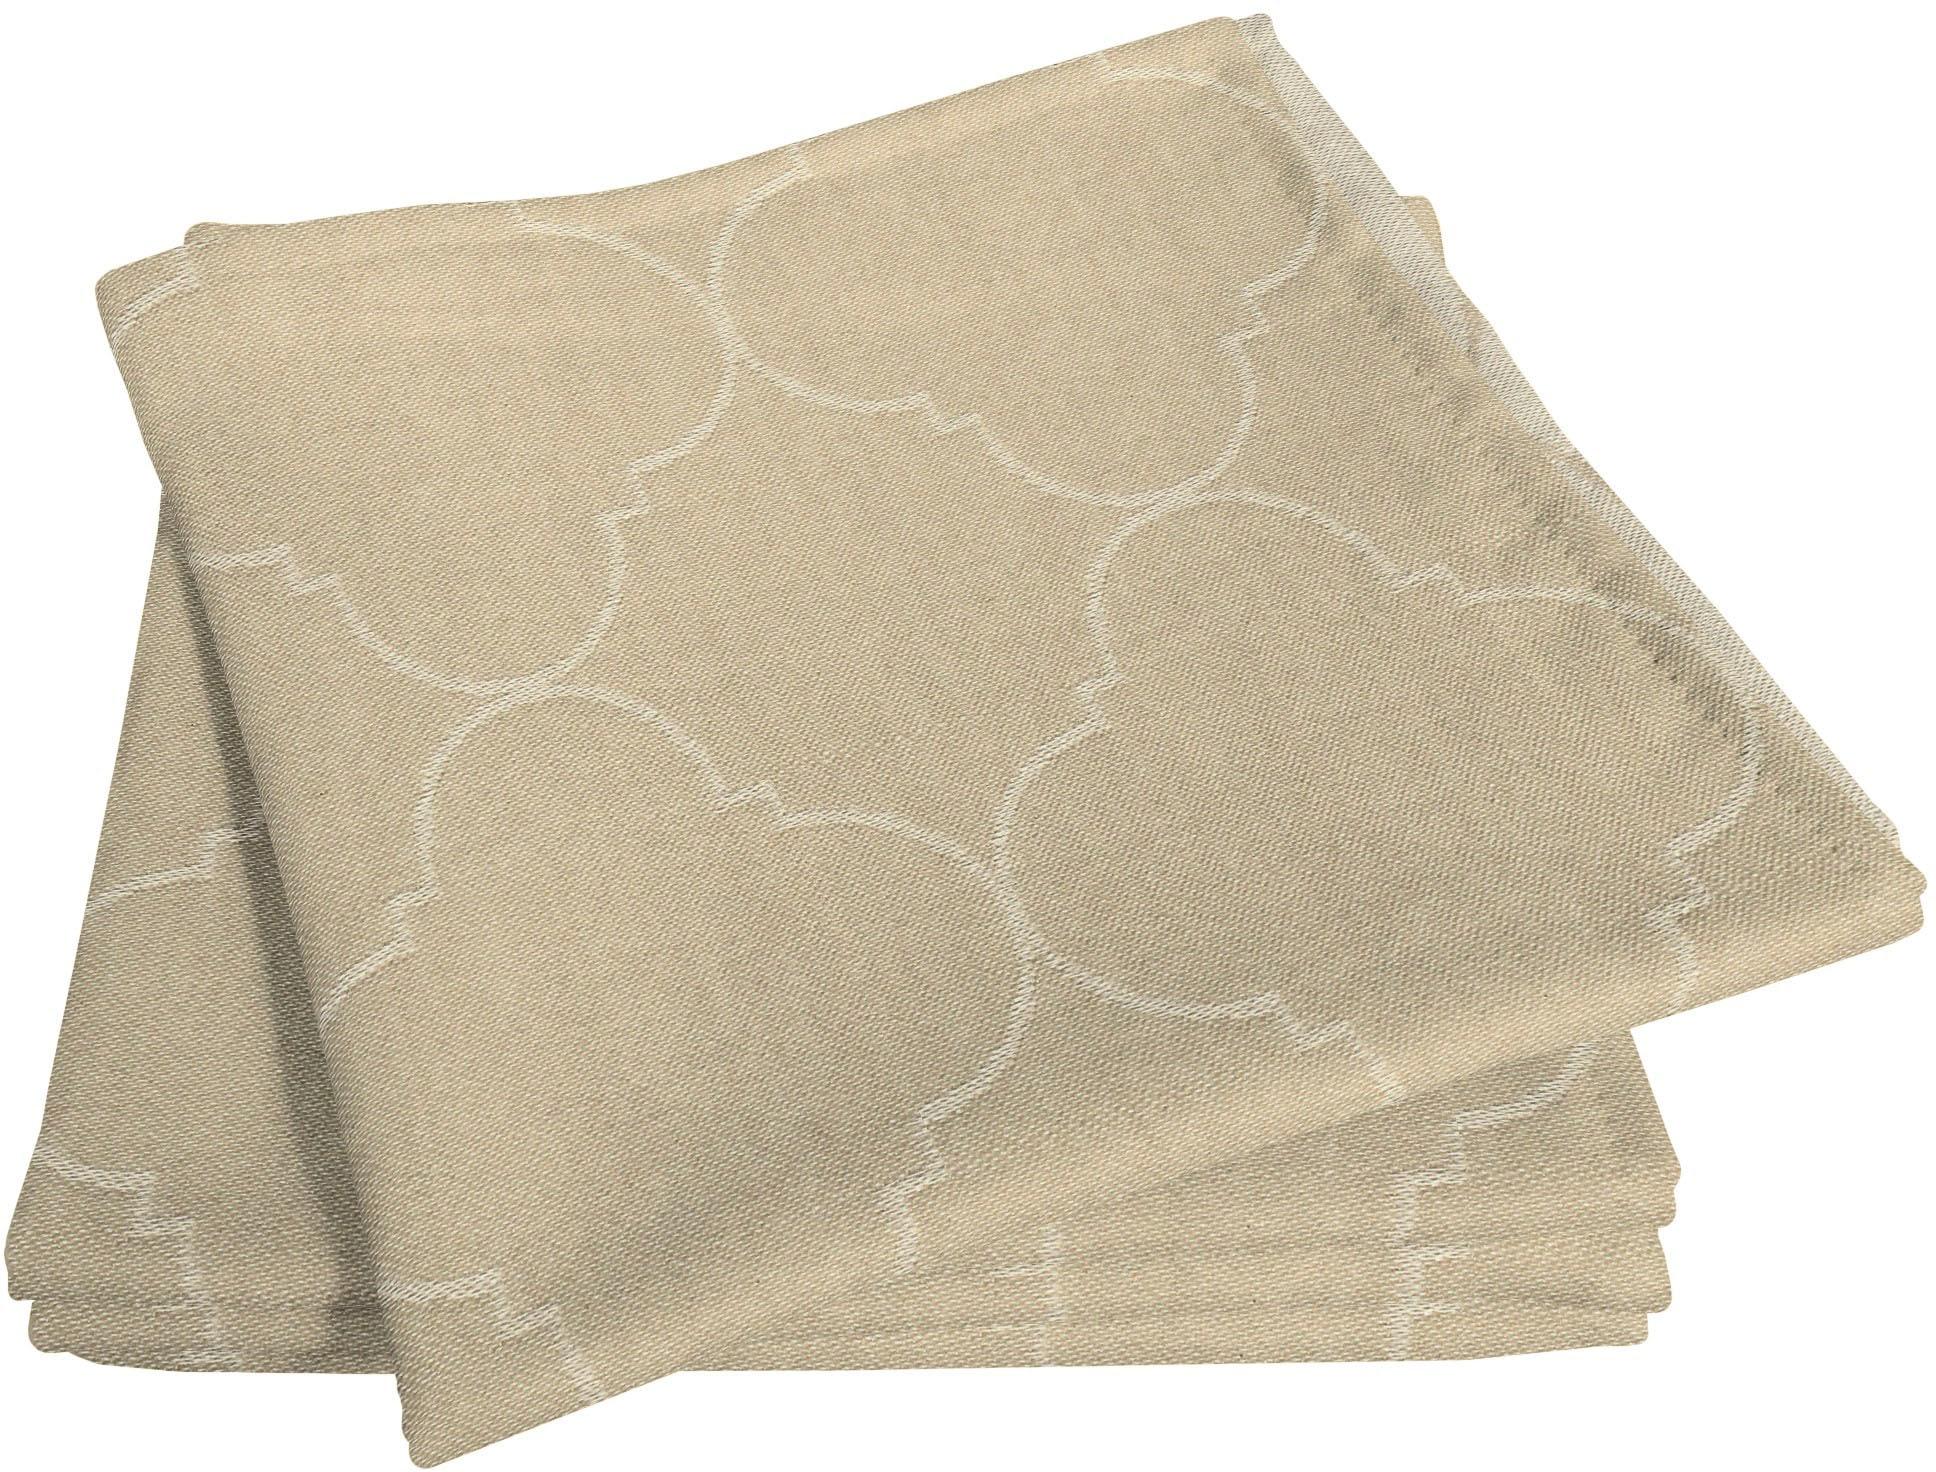 Adam Stoffserviette Indian Cortezada Light, (4 St.), nachhaltig, GOTS zertifiziert beige Stoffservietten Tischwäsche